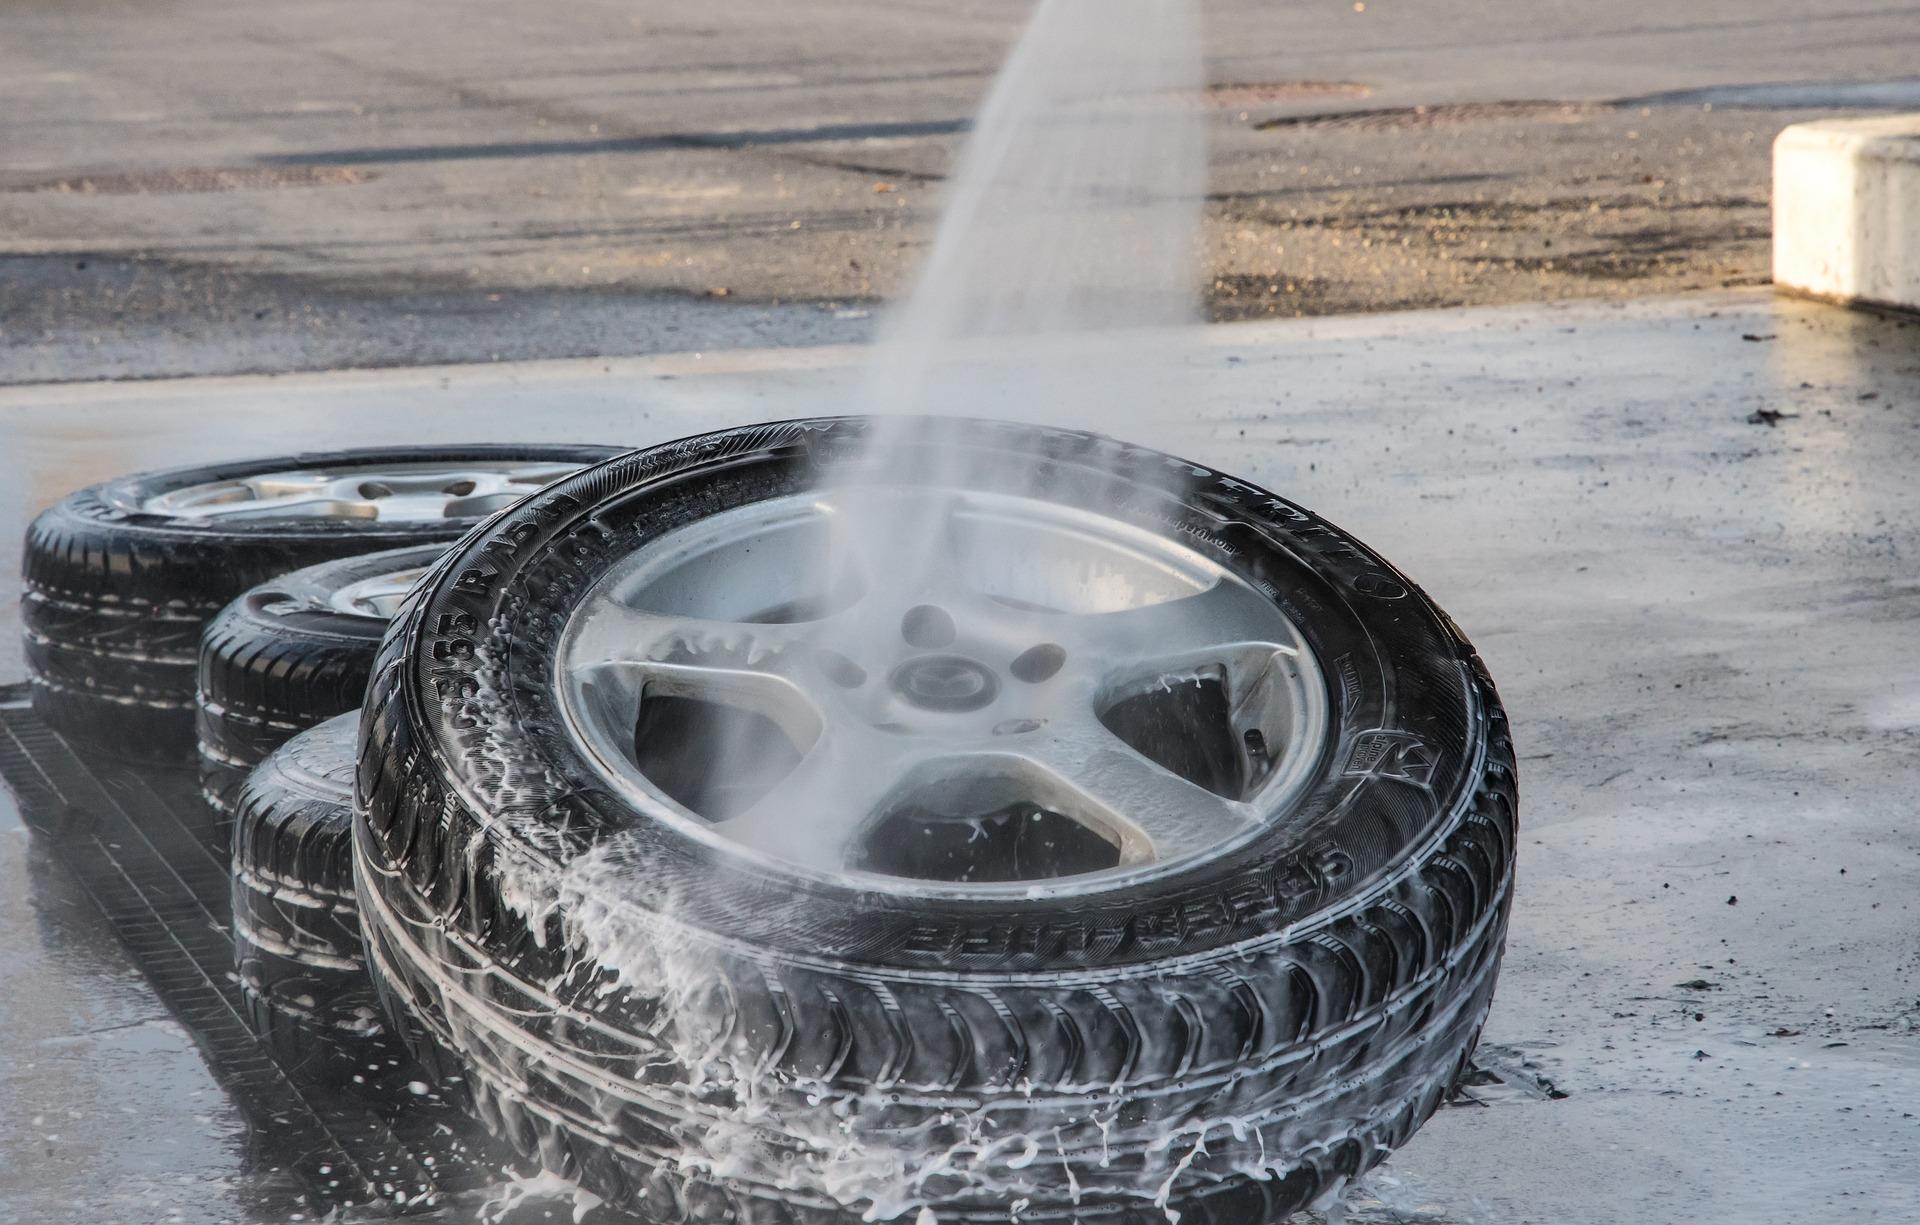 Nettoyage pneus